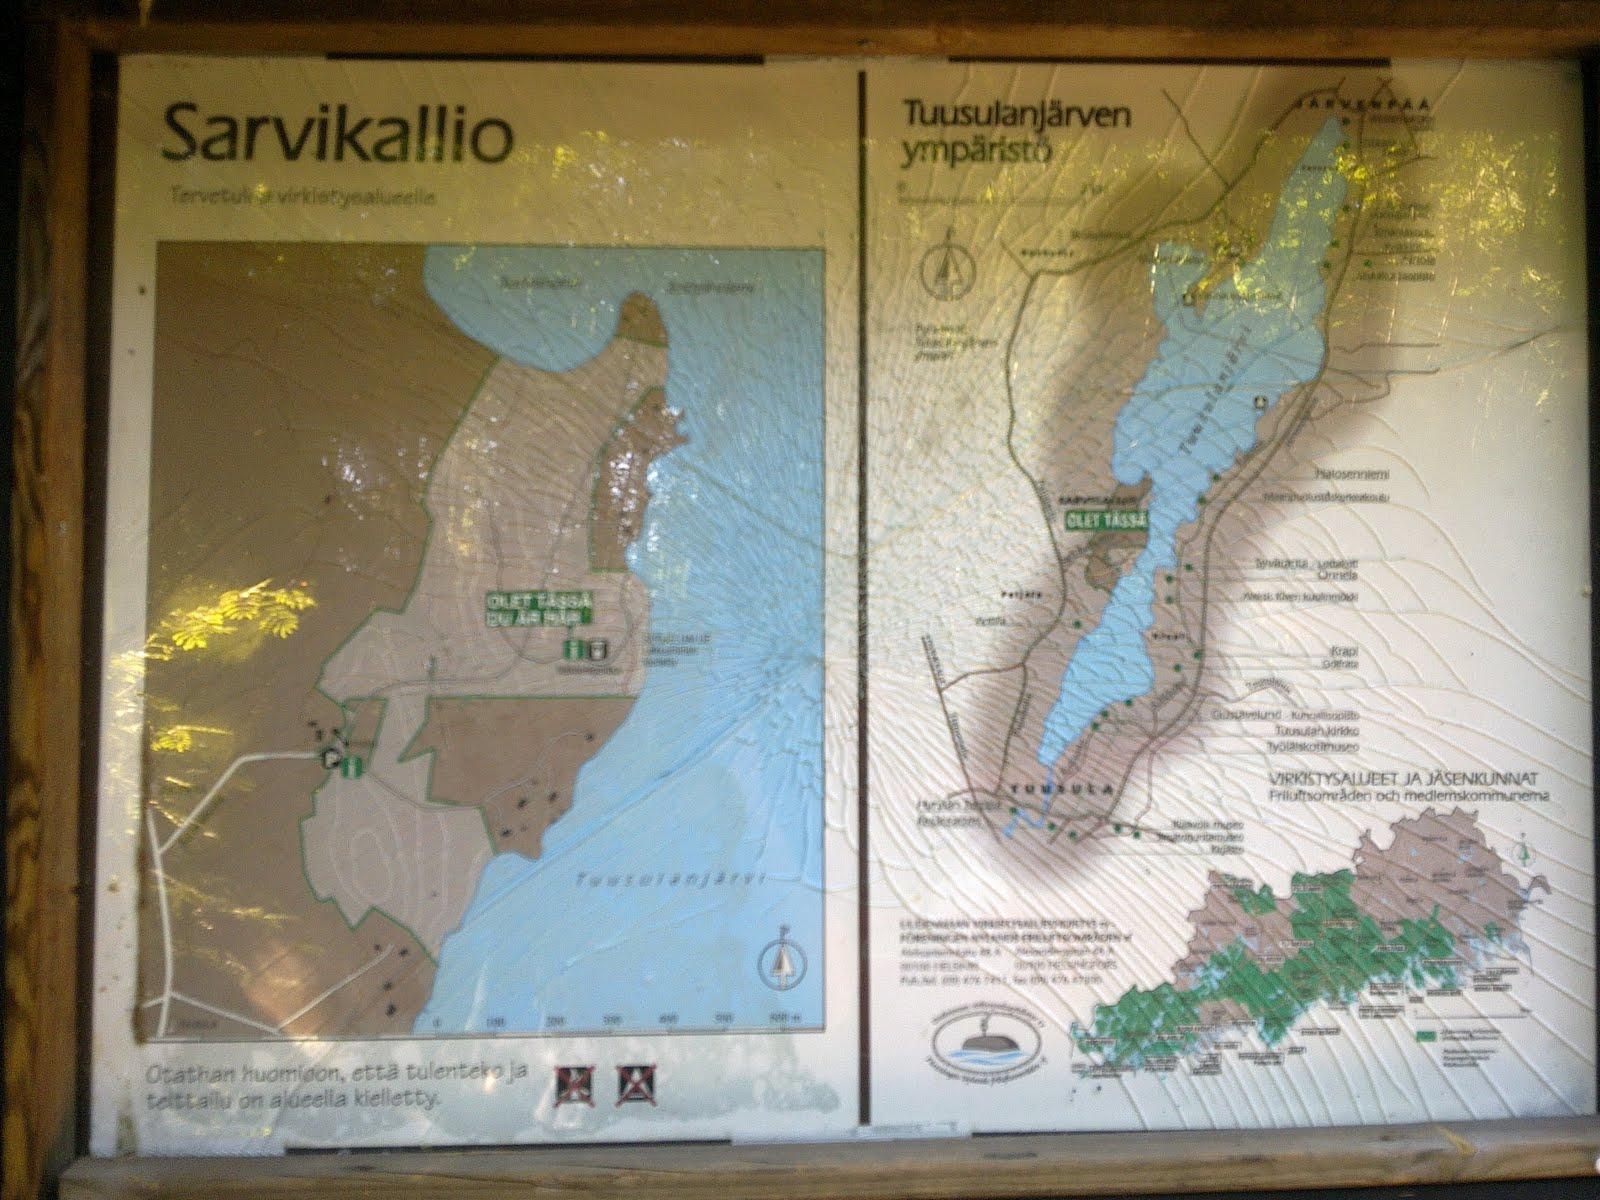 Sarvikallio